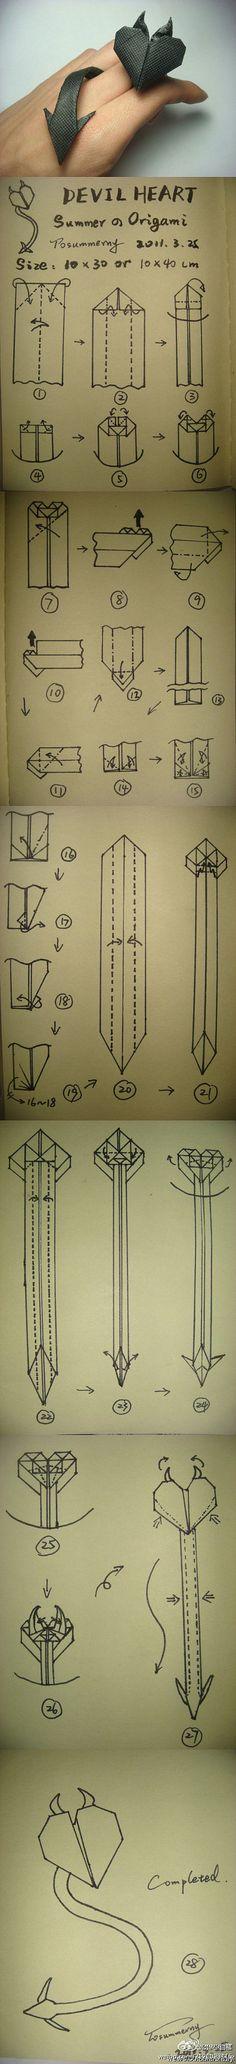 DIY Origami Devil Heart! Mhwahahahaha!